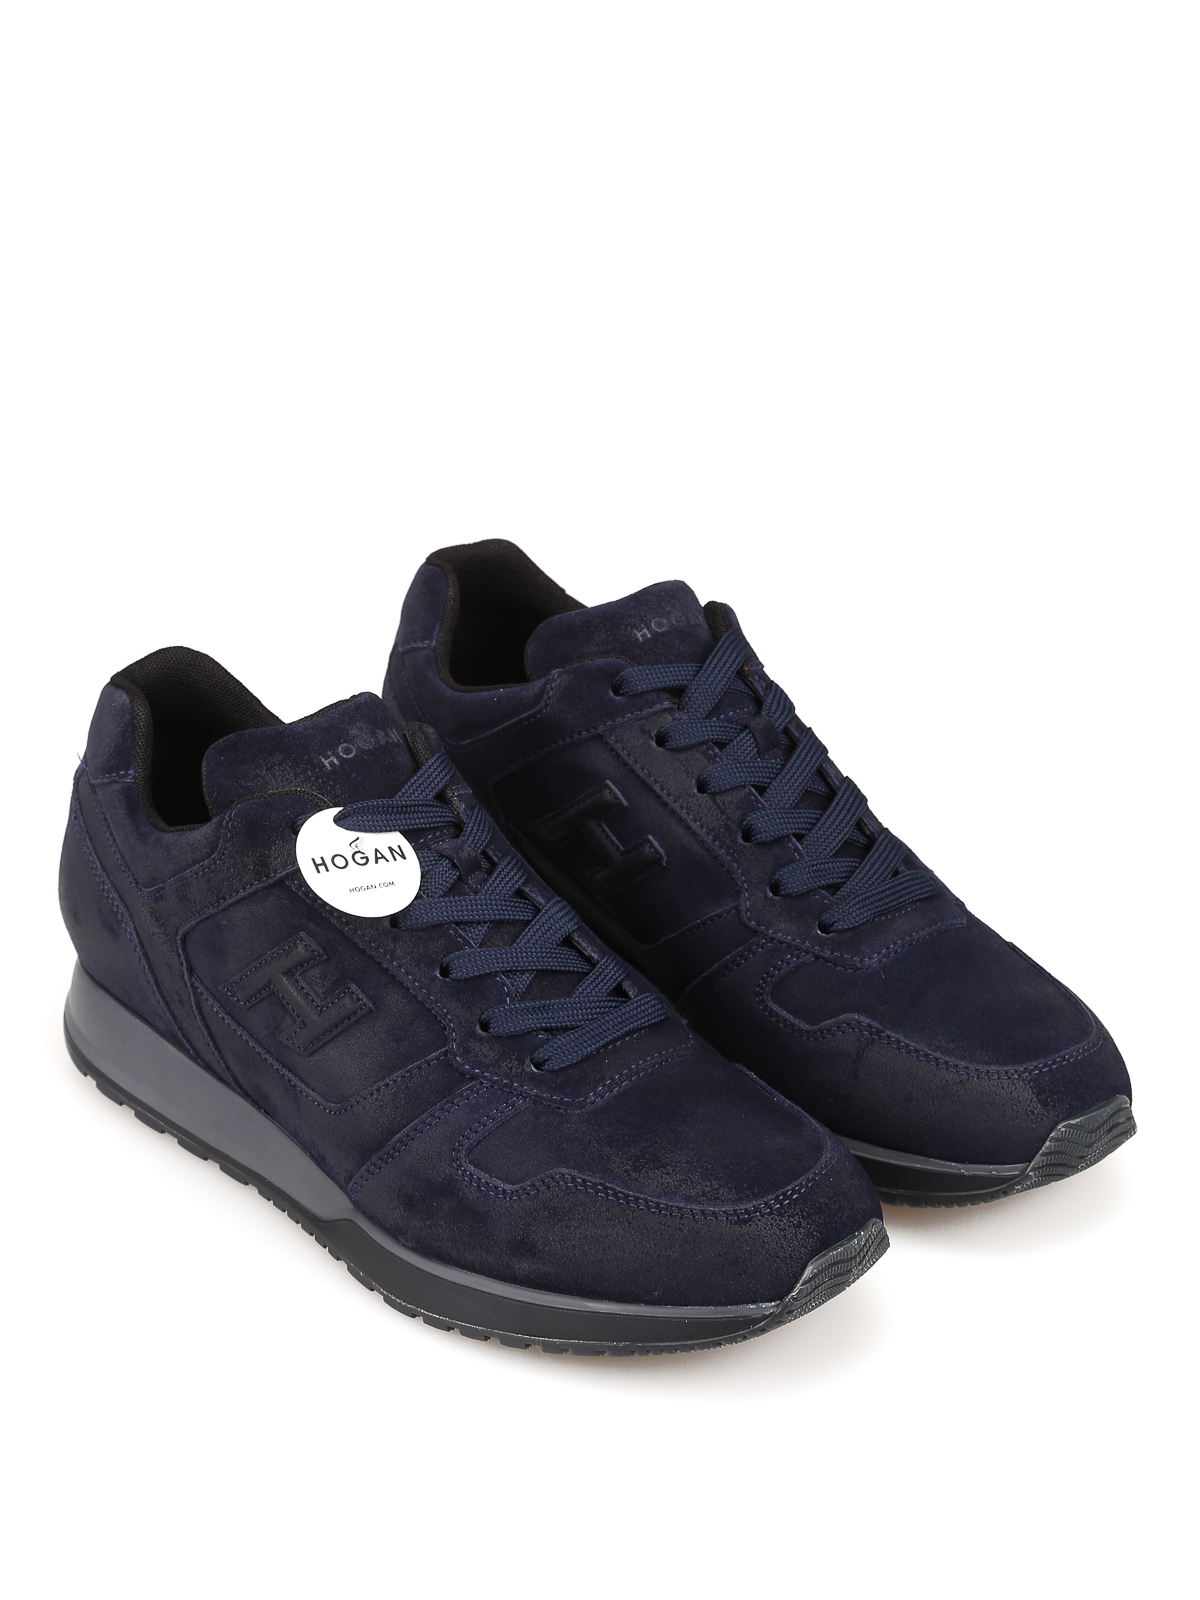 Trainers Hogan - H321 blue suede sneakers - HXM3210Y850HG0U801 ...